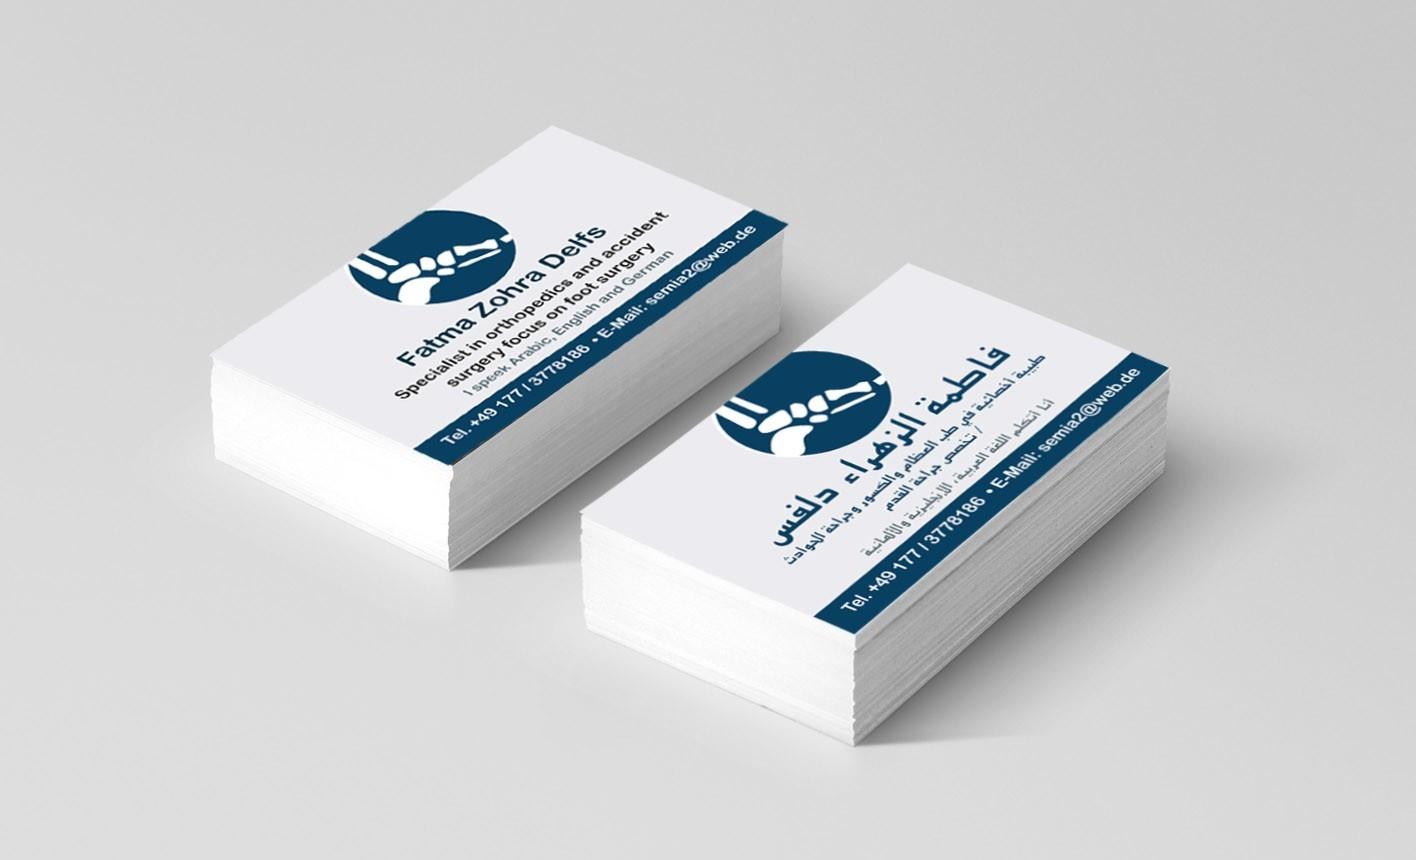 Grafikdesign Köln Grafikerin aus Köln Mona Grafikdesignerin Grafikdesign-Marzouk-Scholz_visitenkarten-1416x860